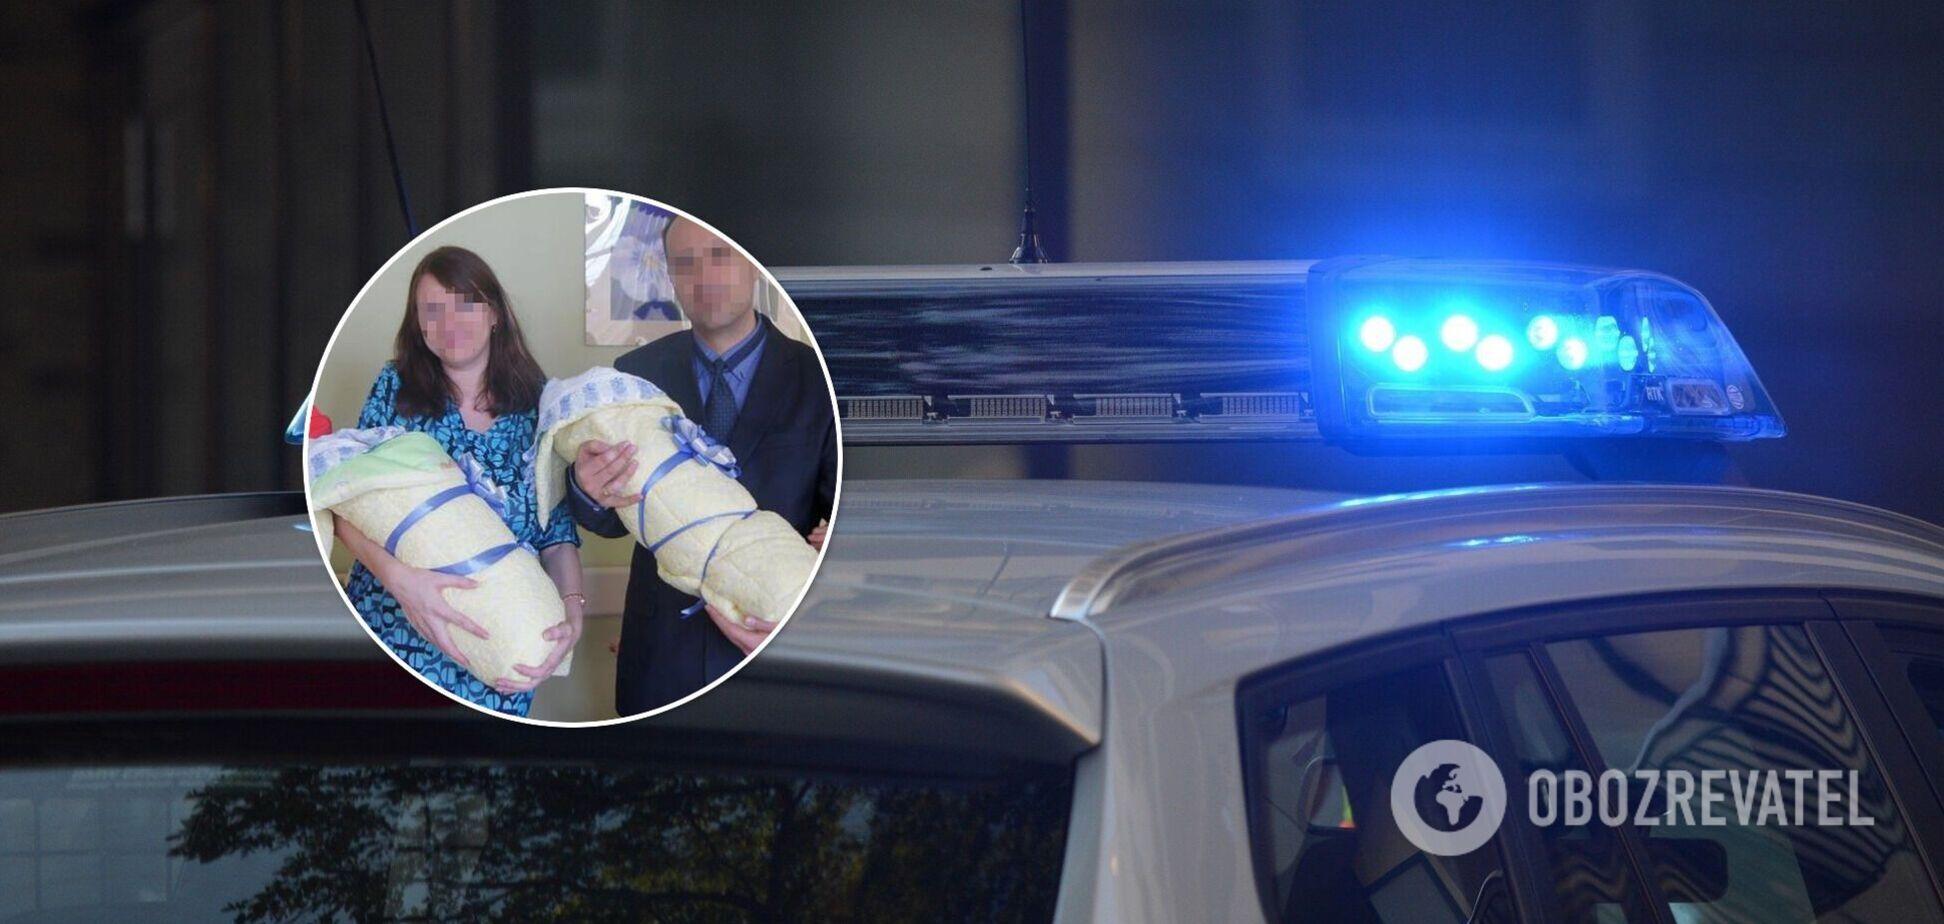 Потрійне вбивство у Владивостоці